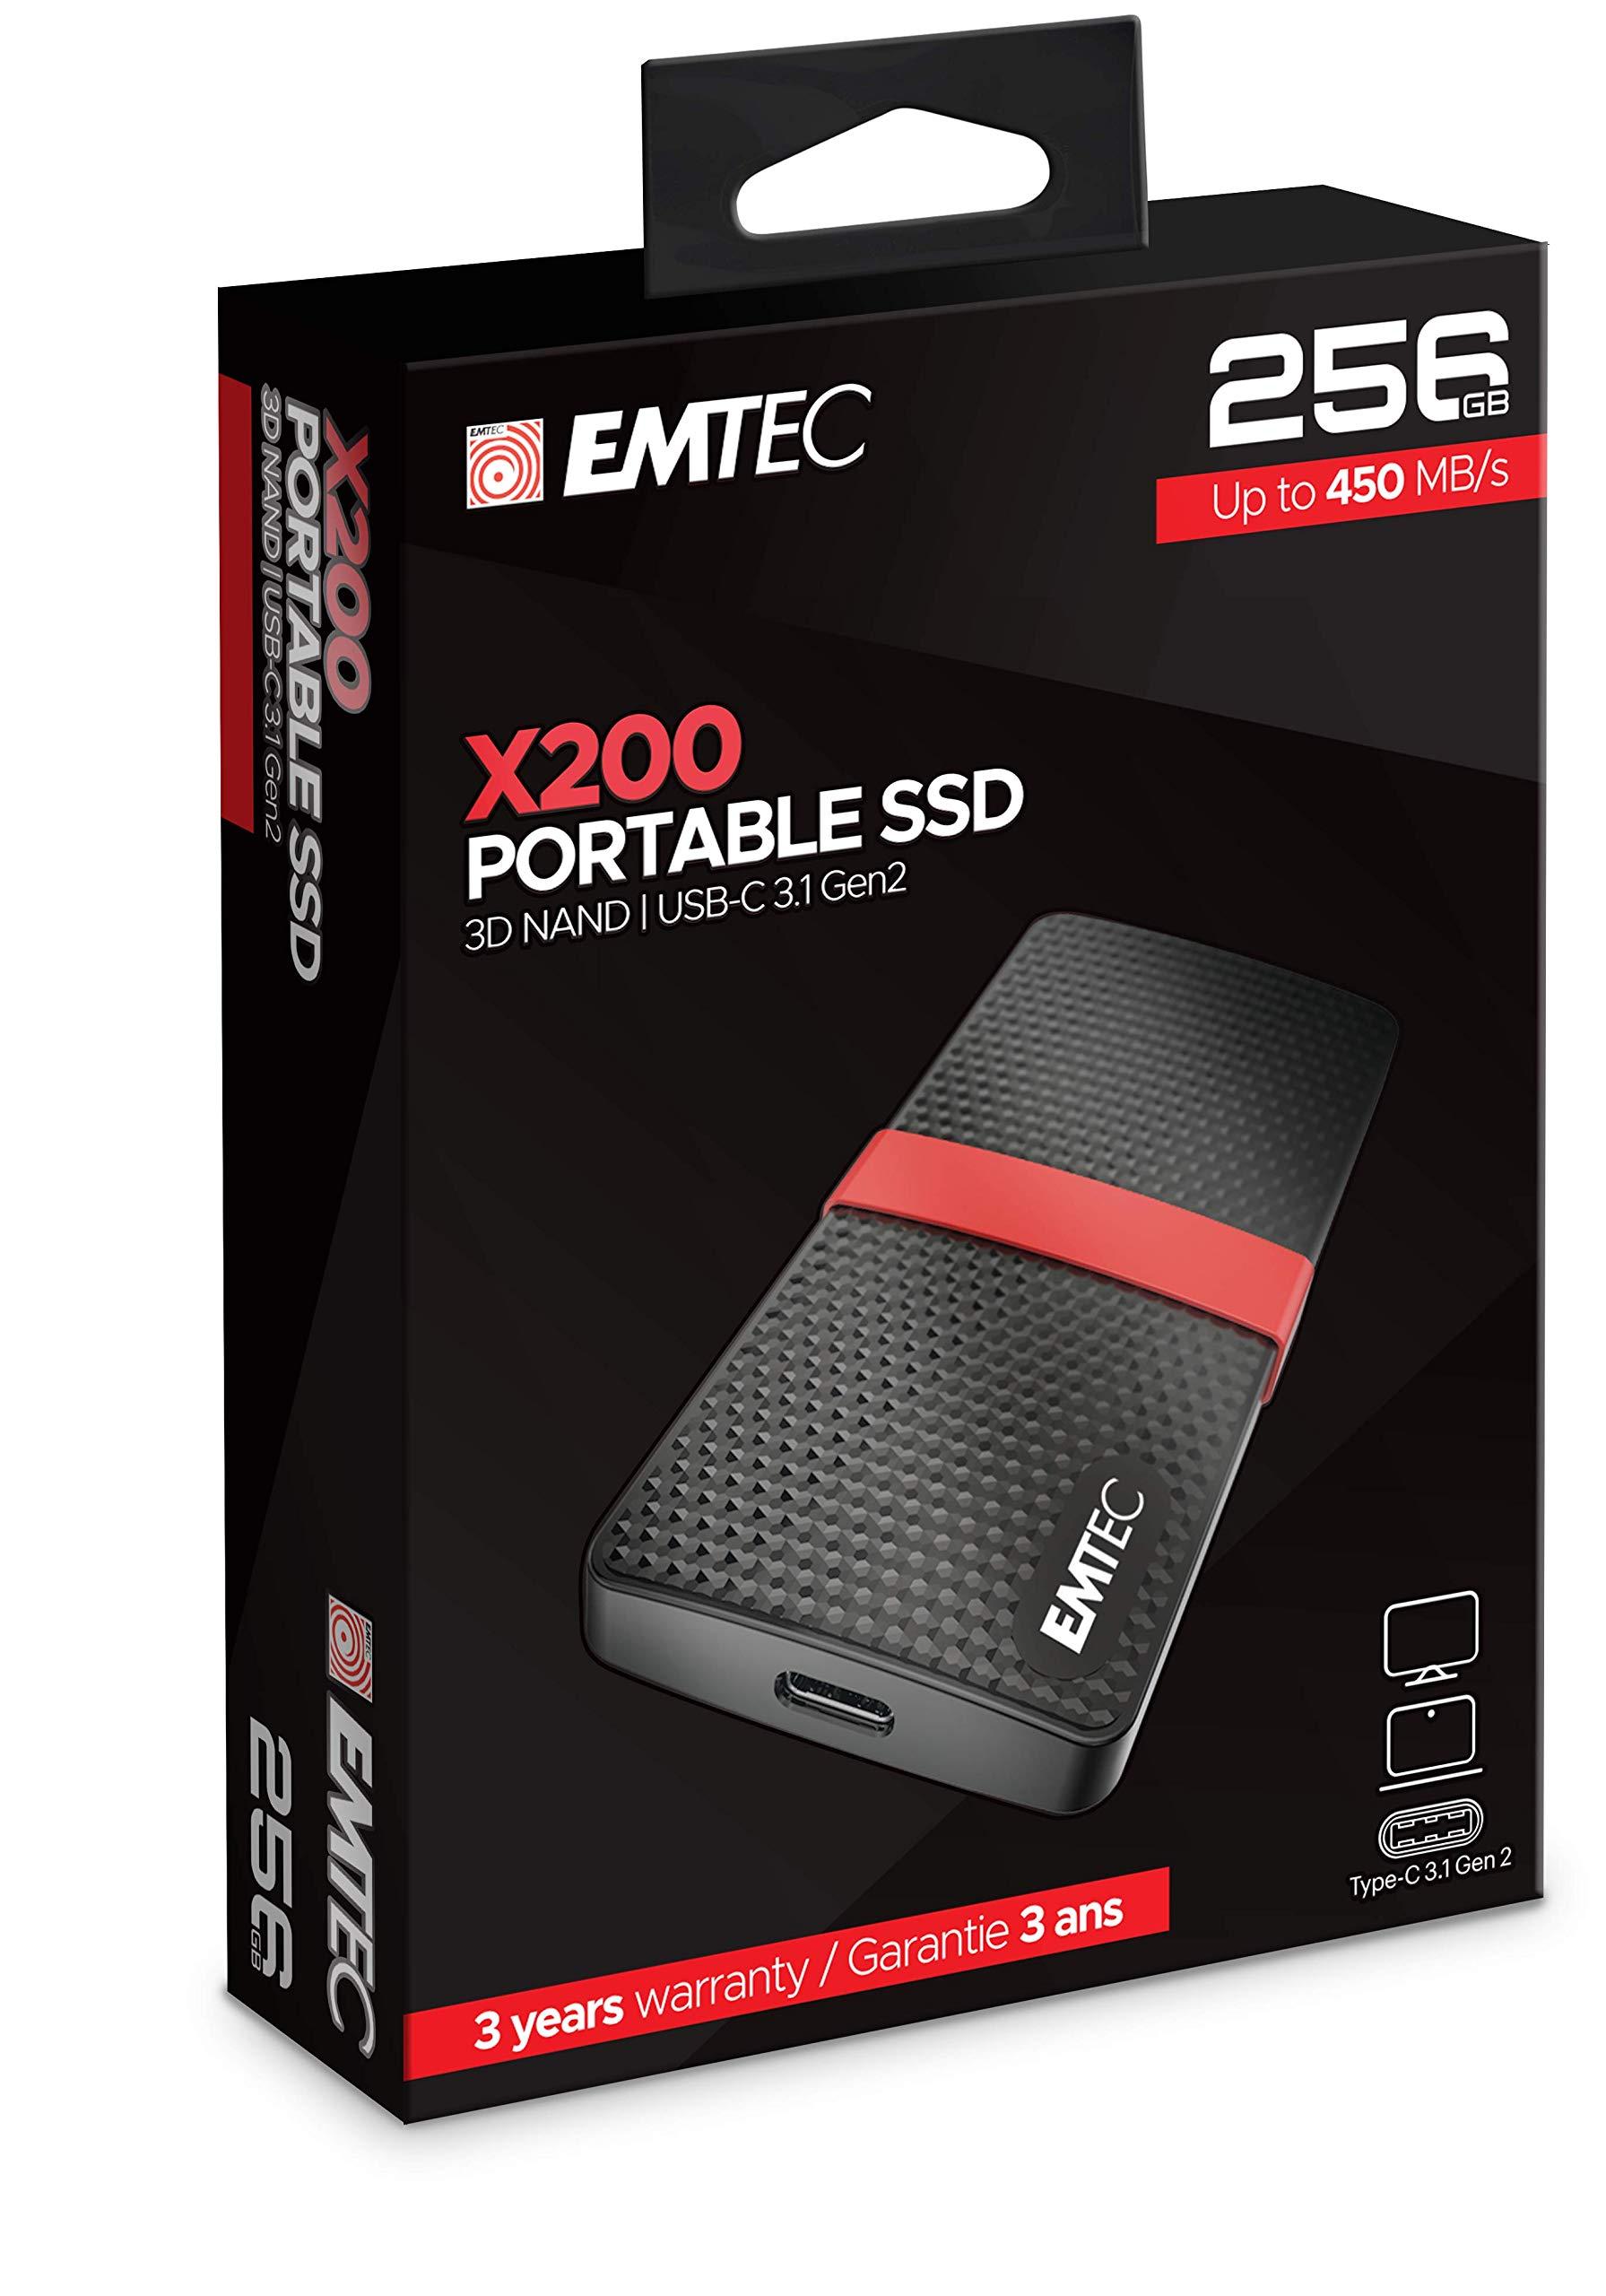 (YMMV) Emtech 256 external SSD, $11.47 at Walmart